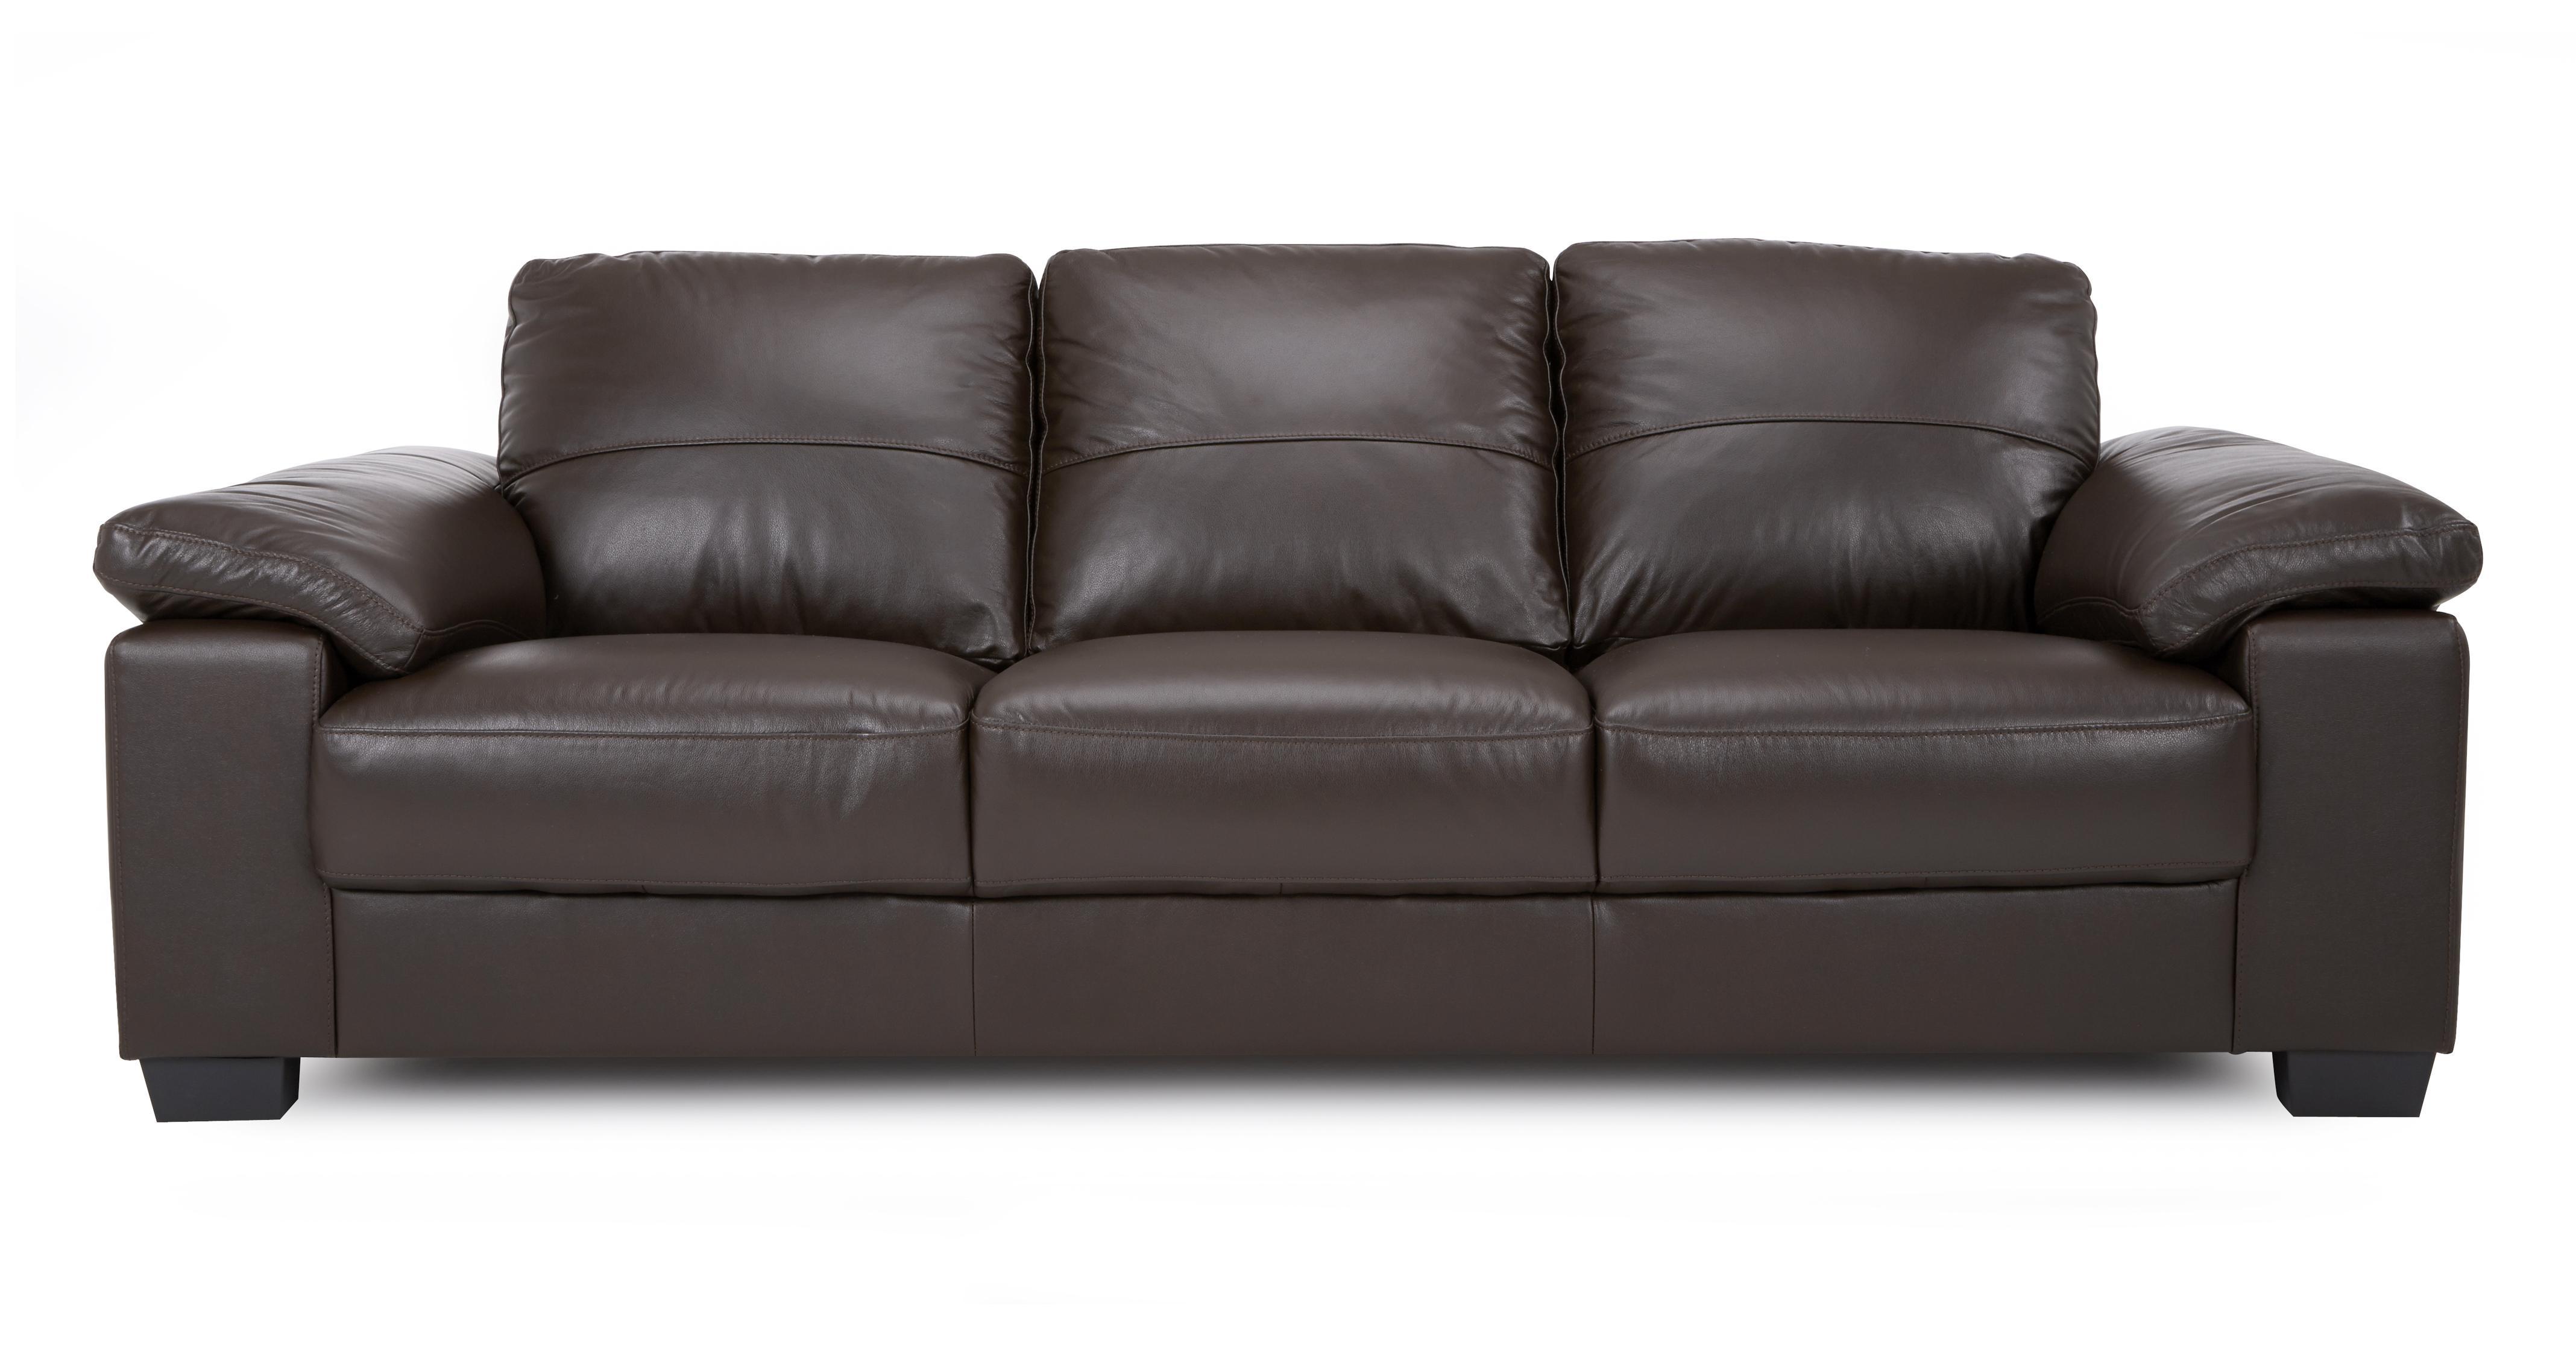 Linea 3 Seater Sofa